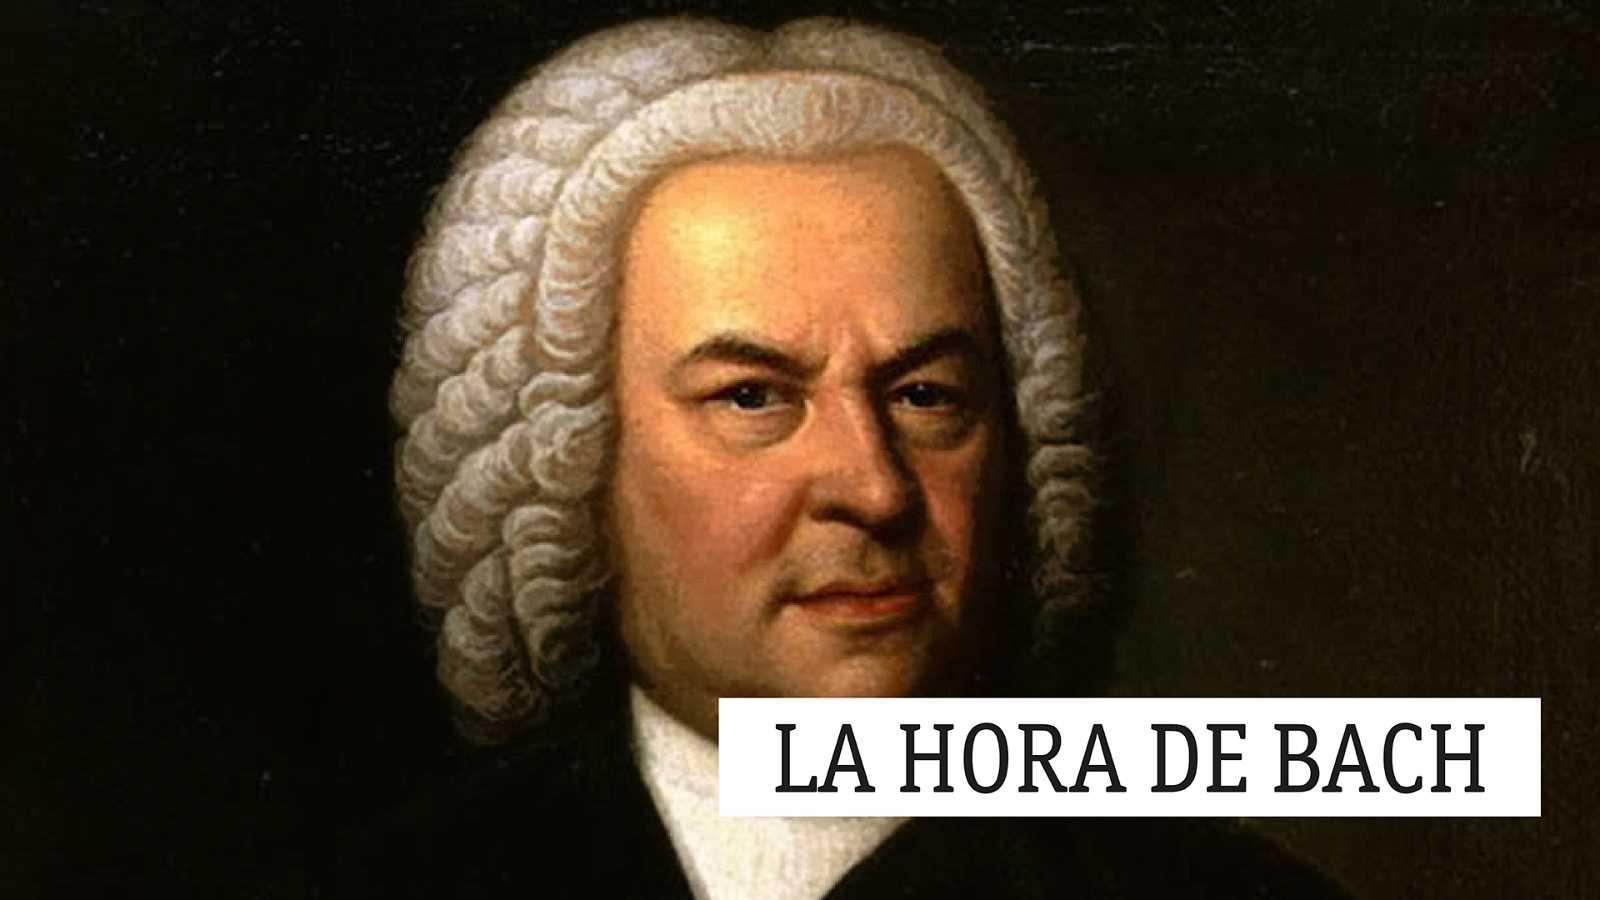 La hora de Bach - 20/02/21 - escuchar ahora